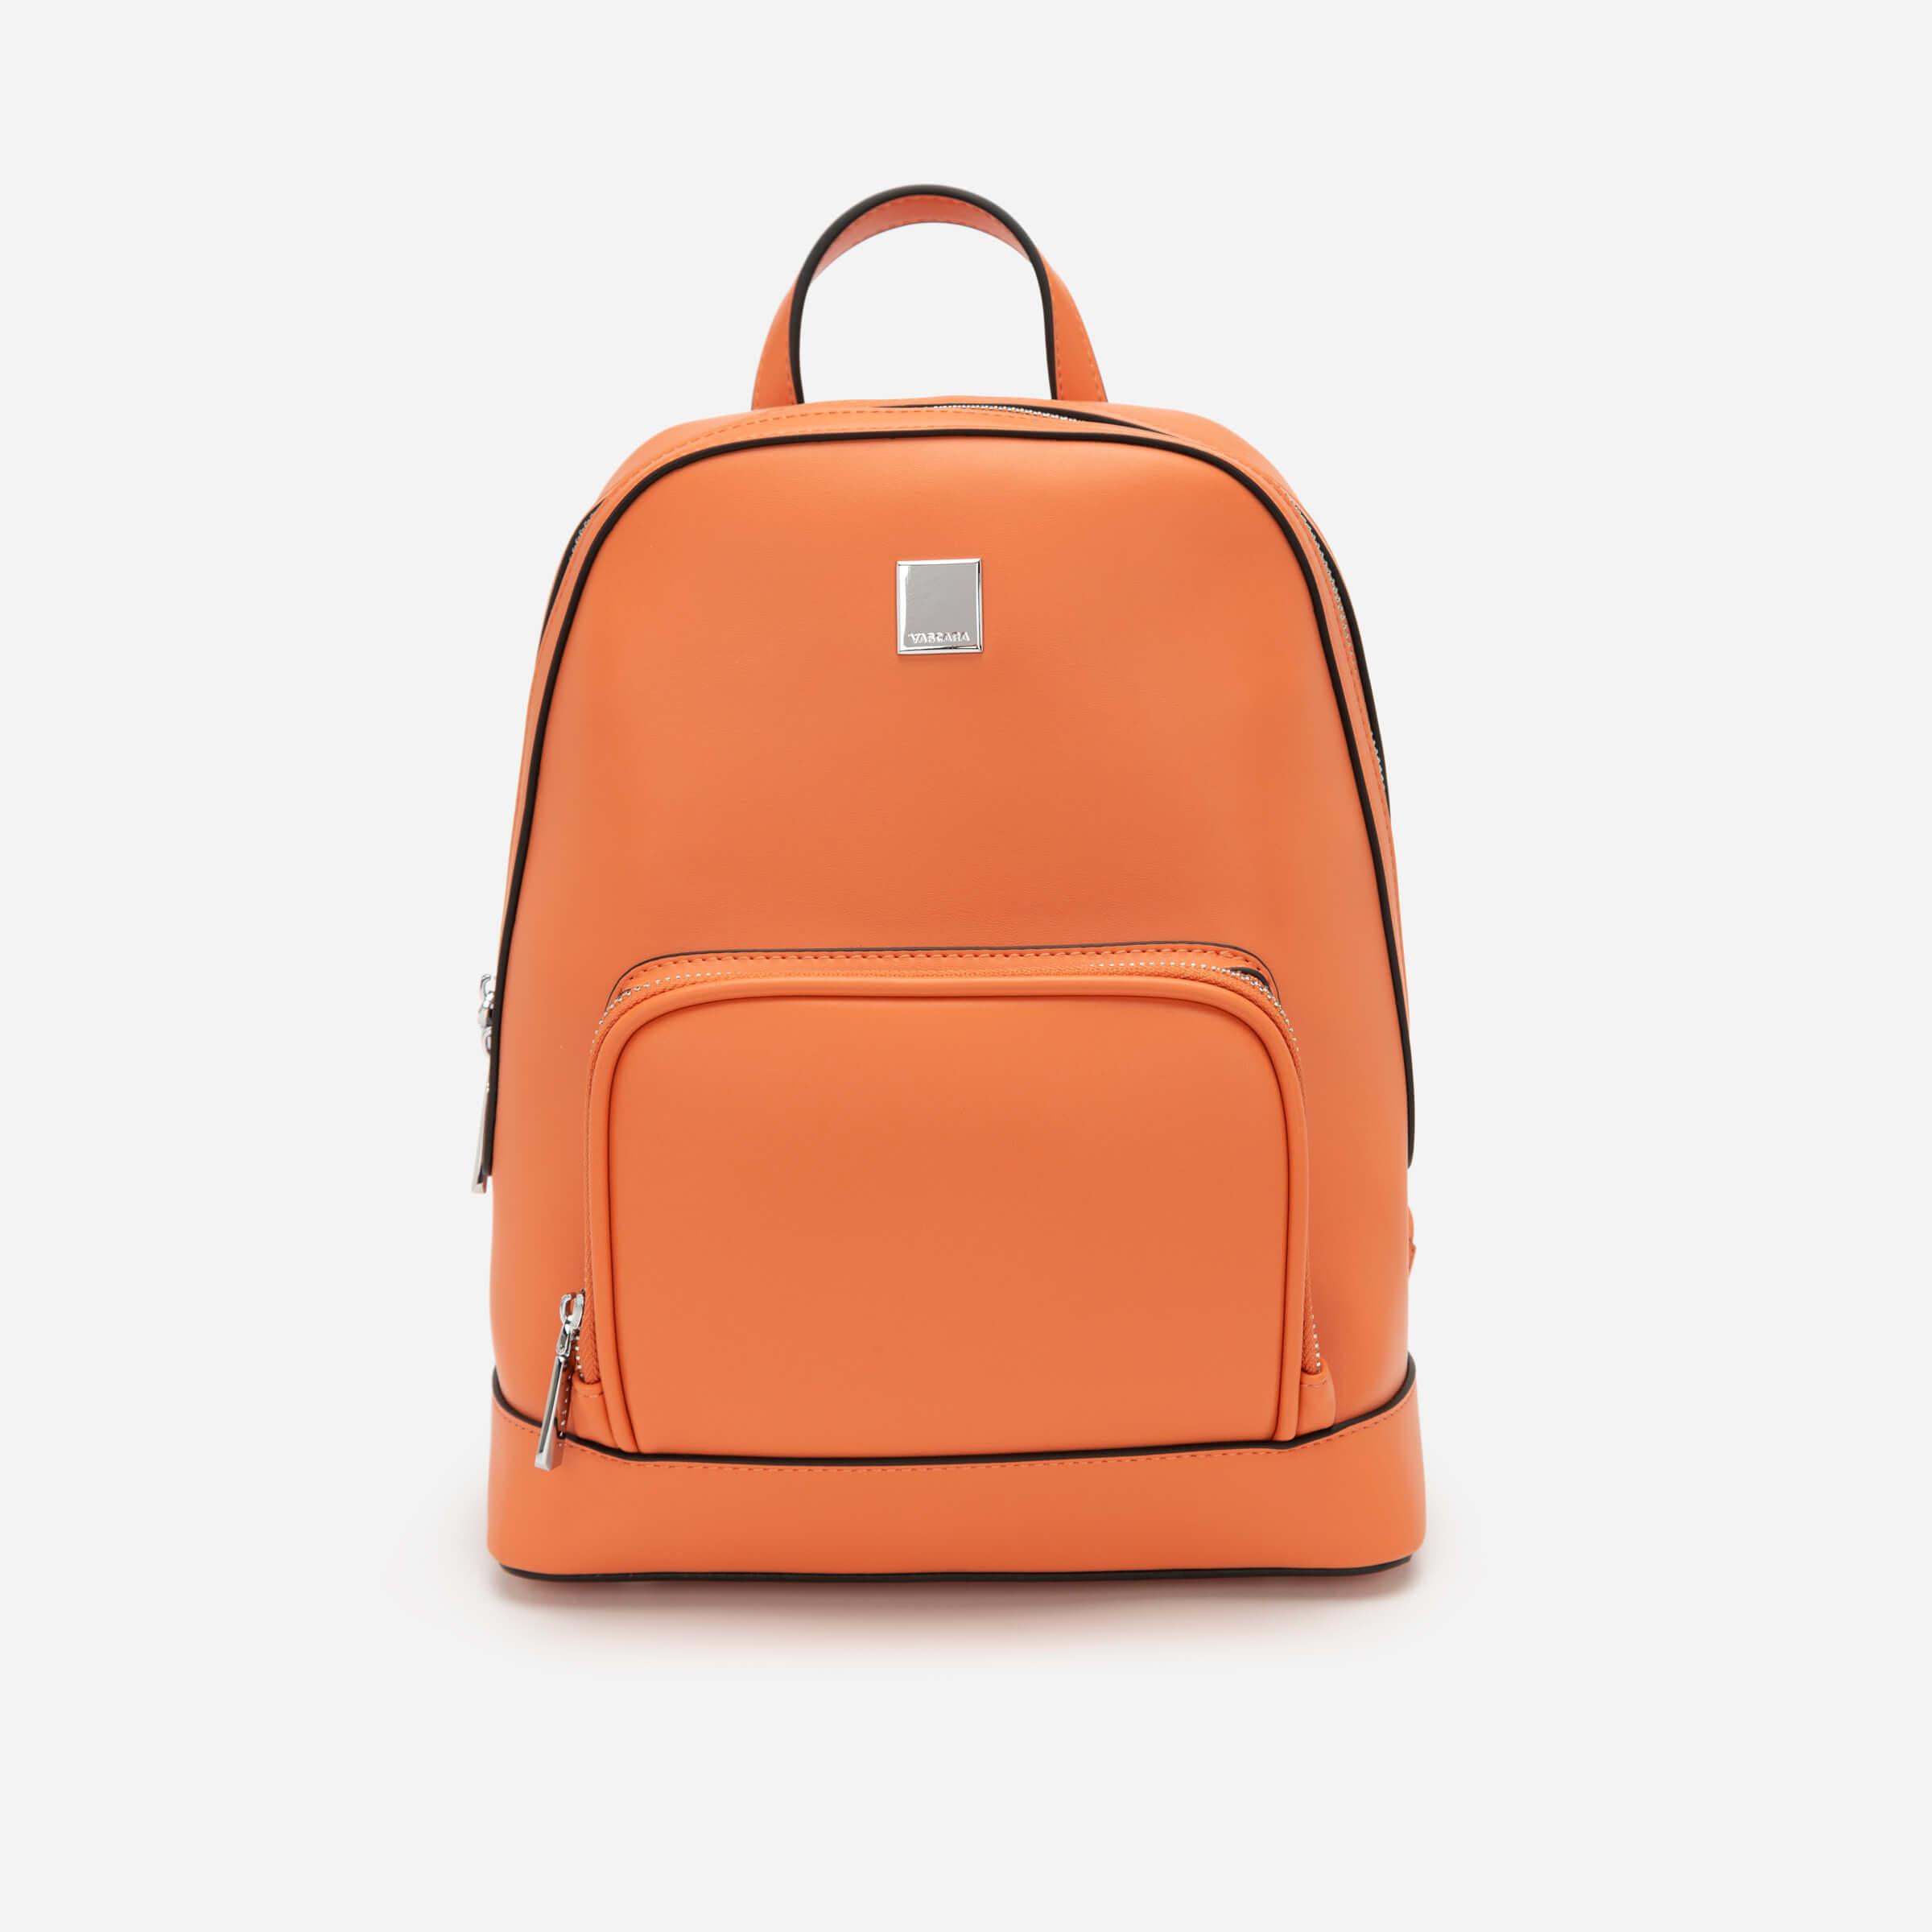 Bảo Bình nên chọn cho mình một chiếc balo học sinh màu cam